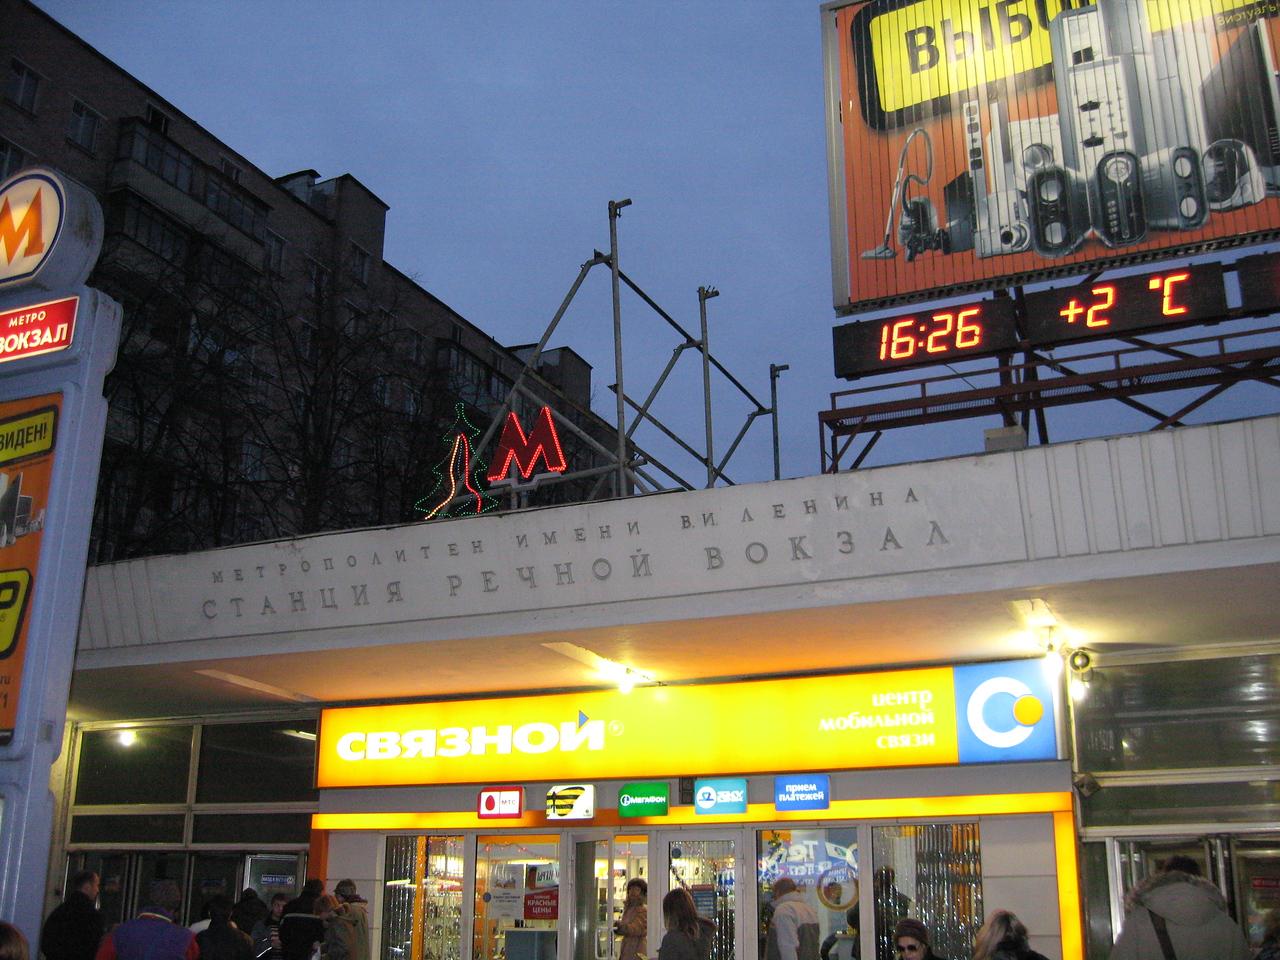 Rechnoy Vokzal metro station